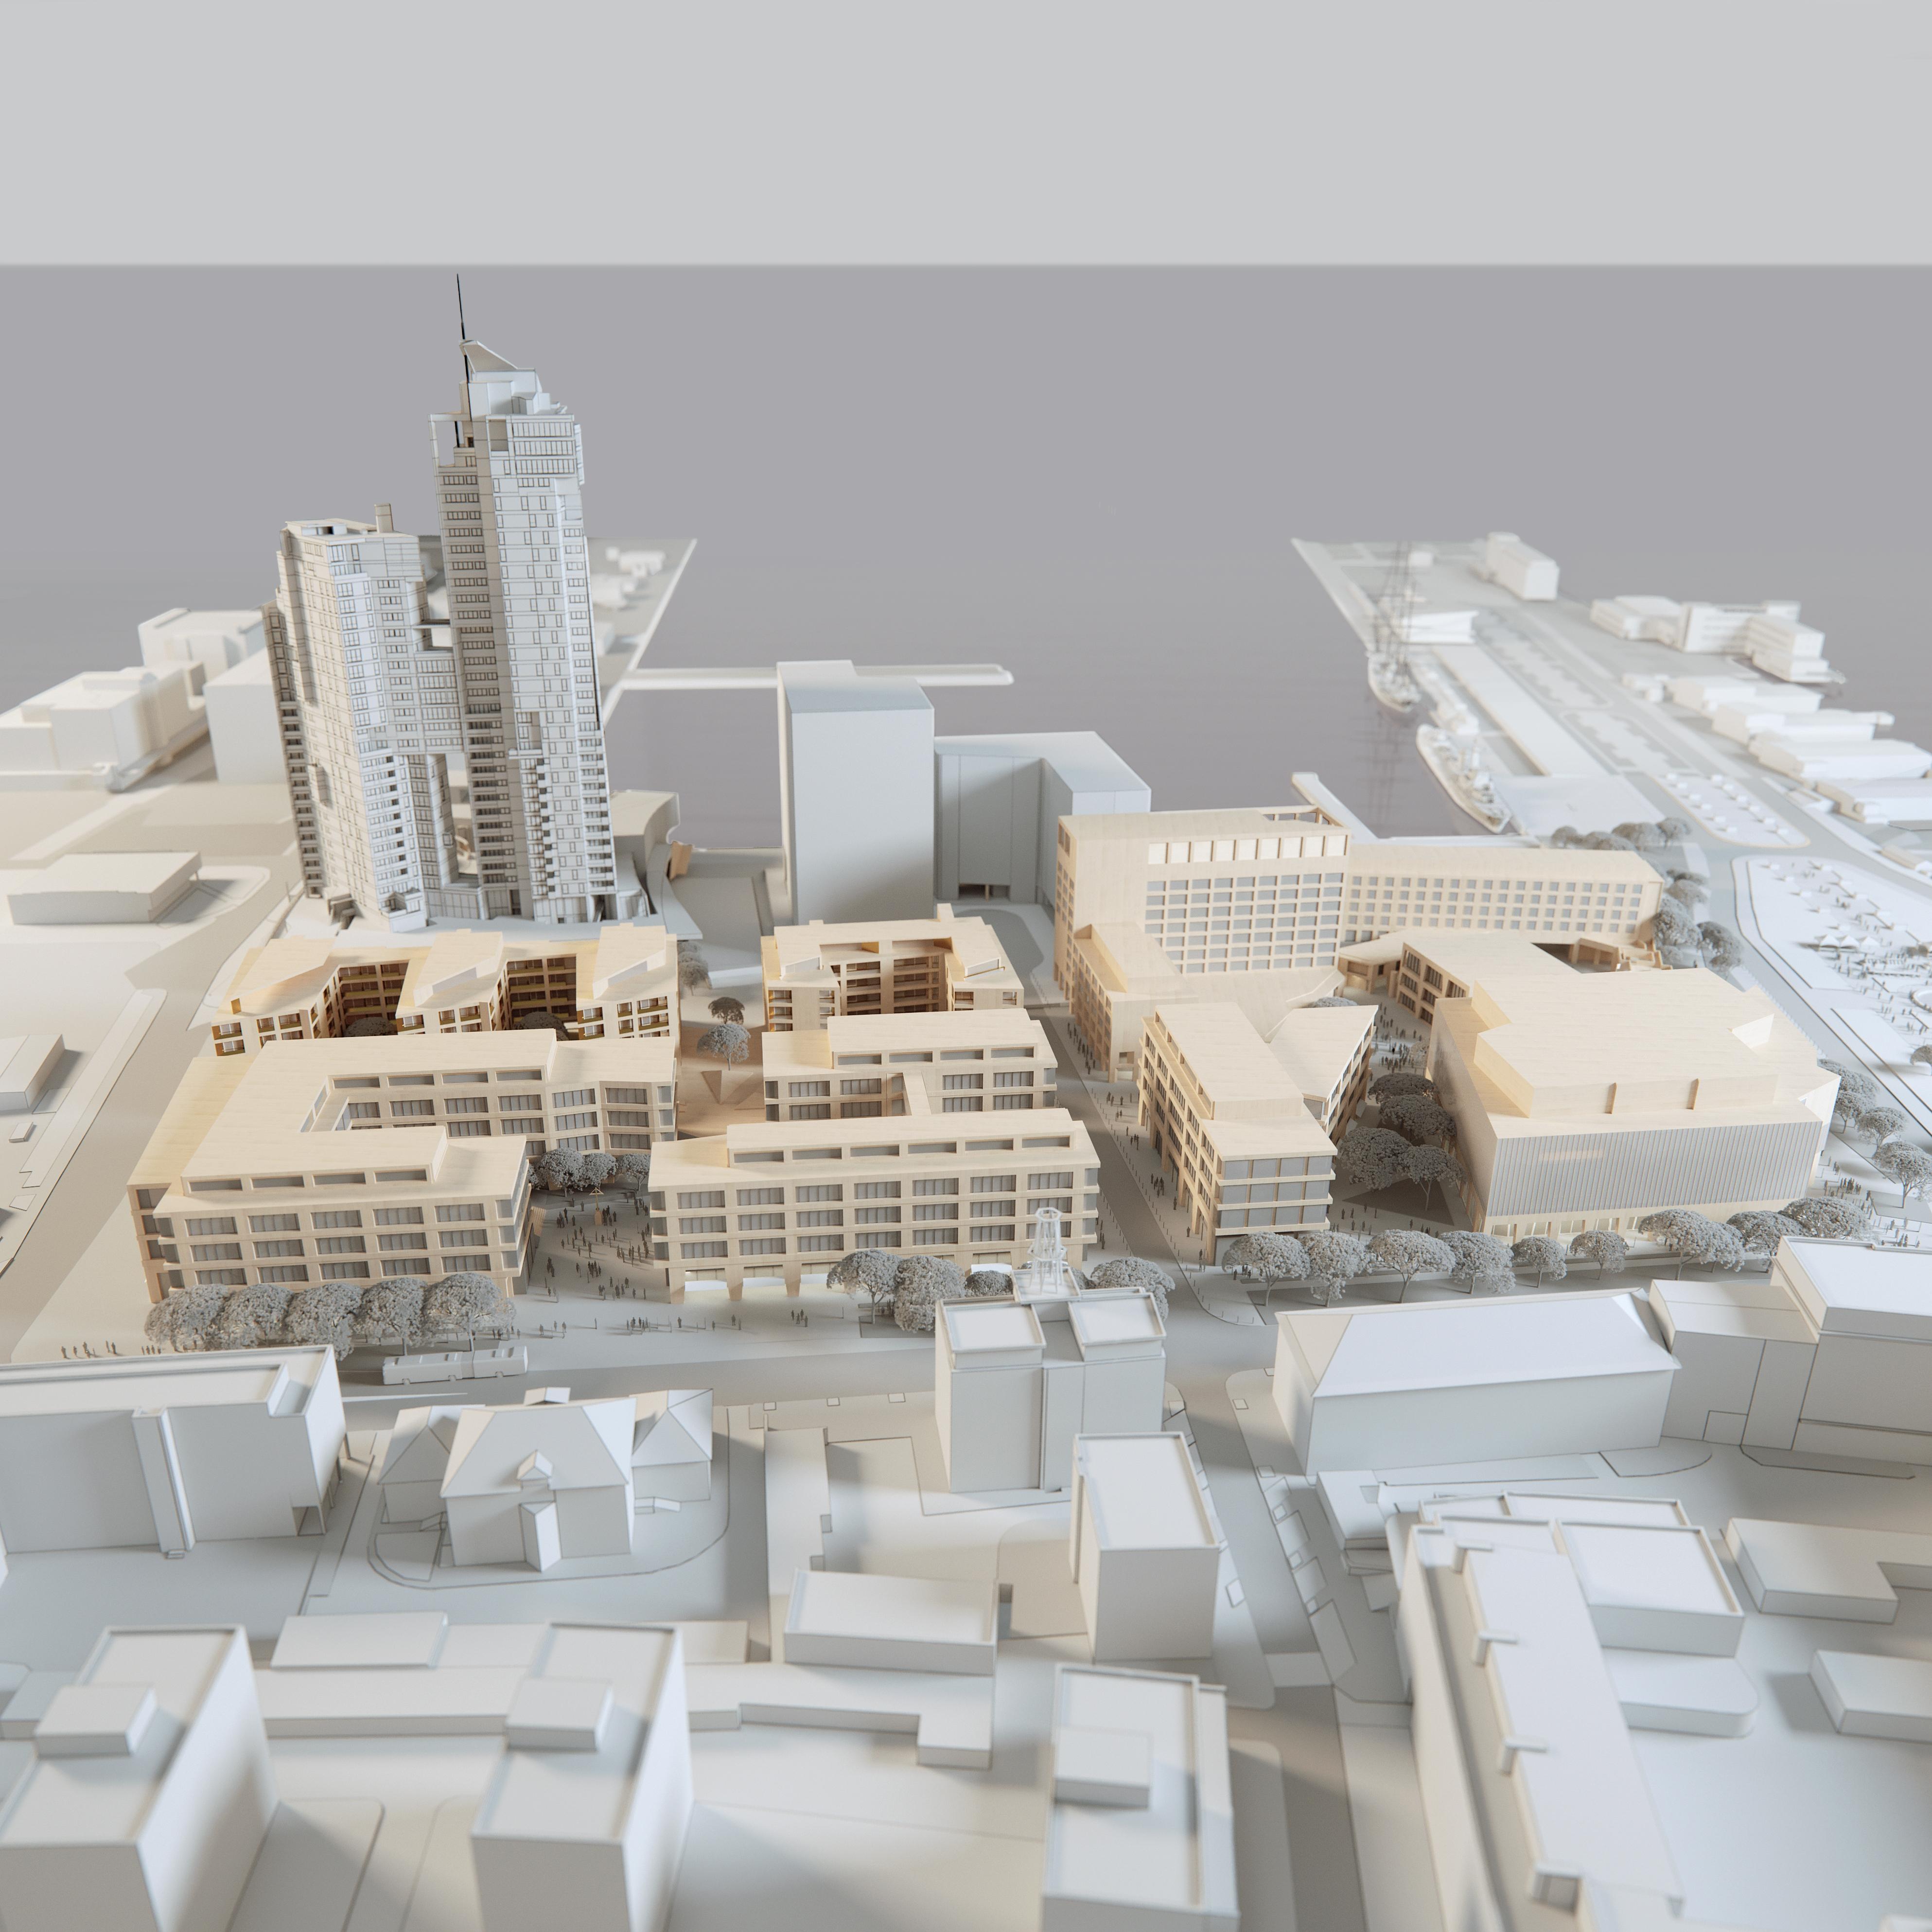 Wizualizacja przedstawiająca Gdynia Waterfront, inwestycję Vastintu, fot. Vastint Poland